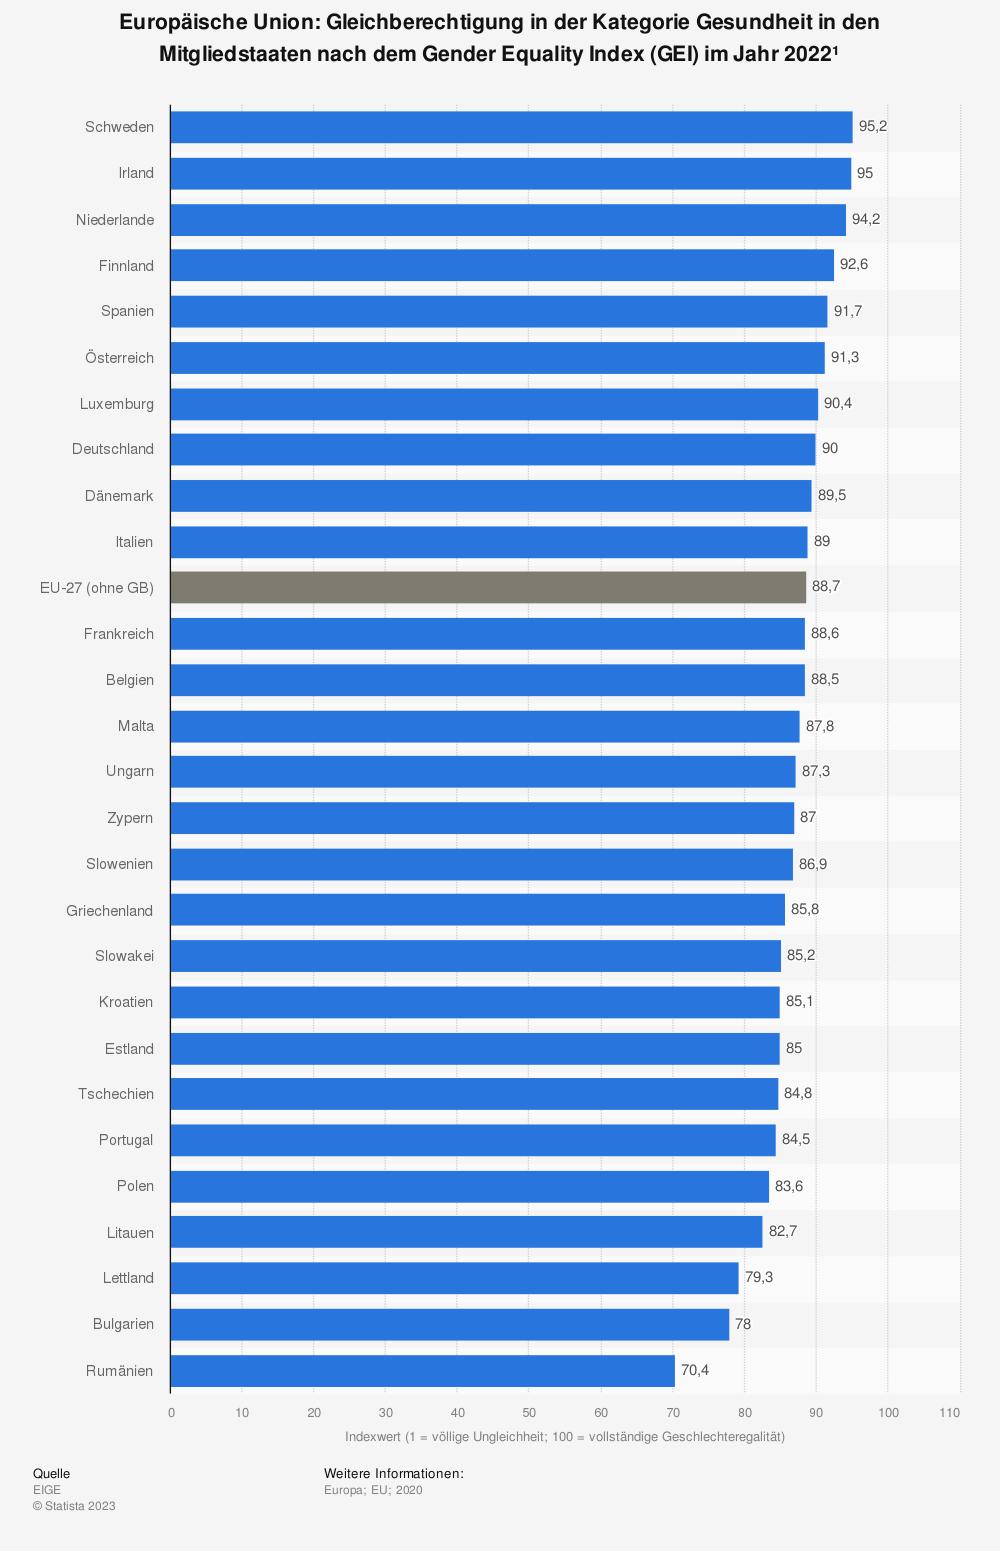 Statistik: Europäische Union: Gleichberechtigung in der Kategorie Gesundheit in den Mitgliedsstaaten nach dem Gender Equality Index (GEI) im Jahr 2020 | Statista